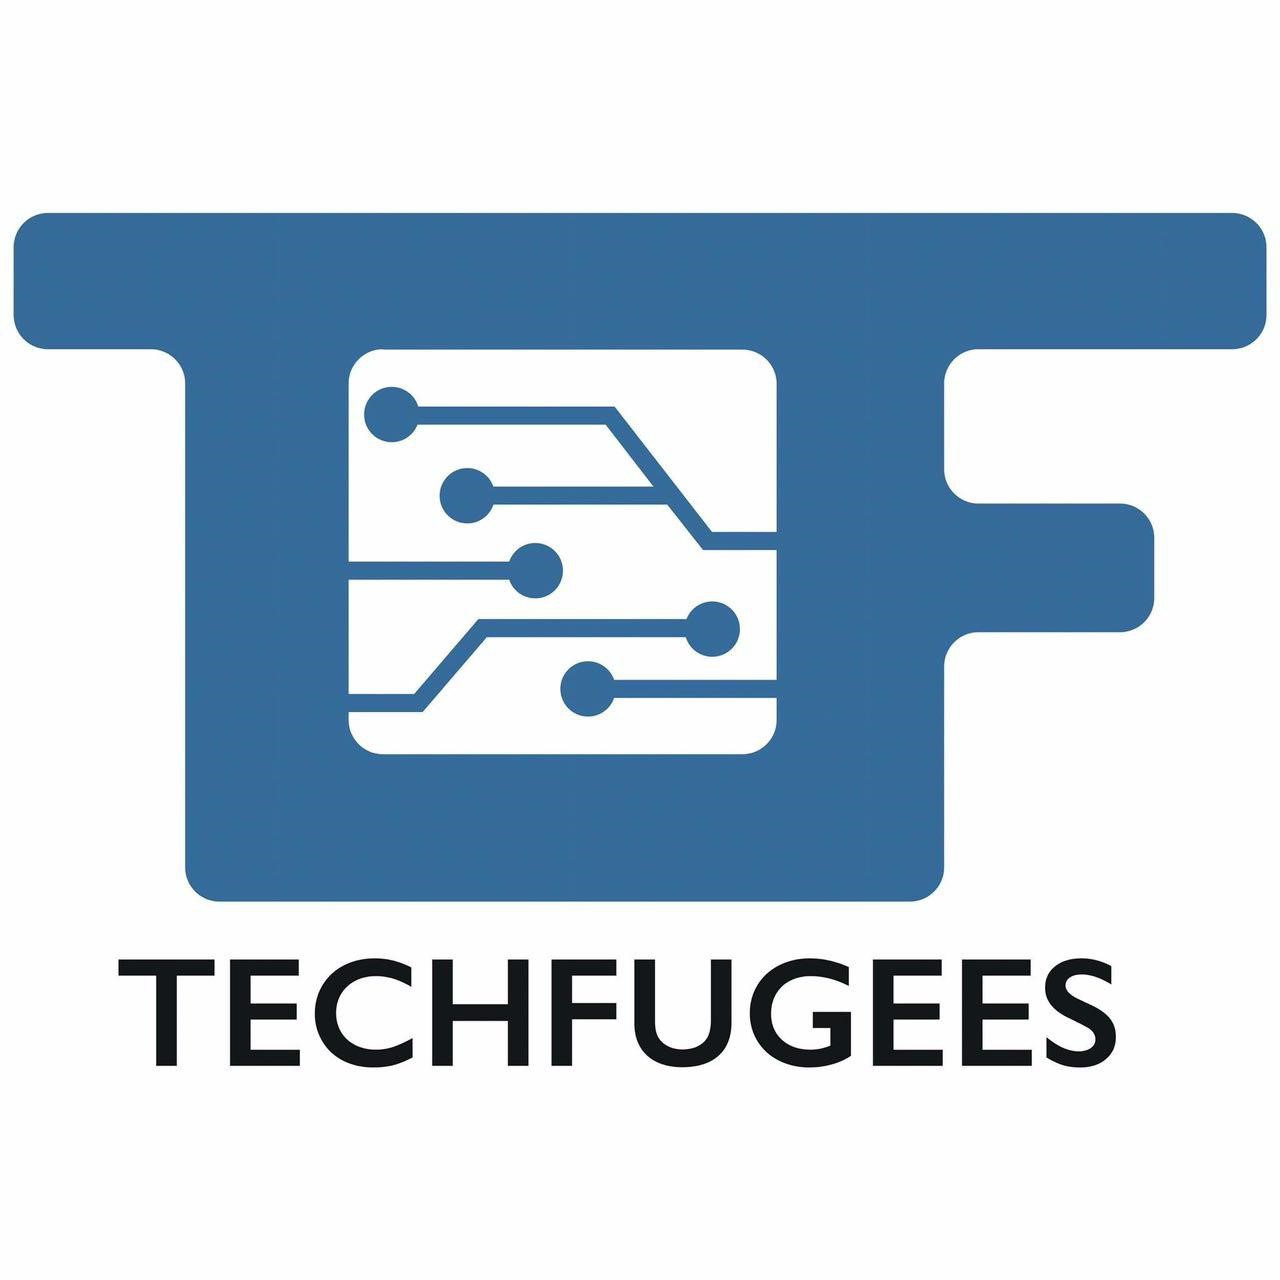 Techfugees.jpg